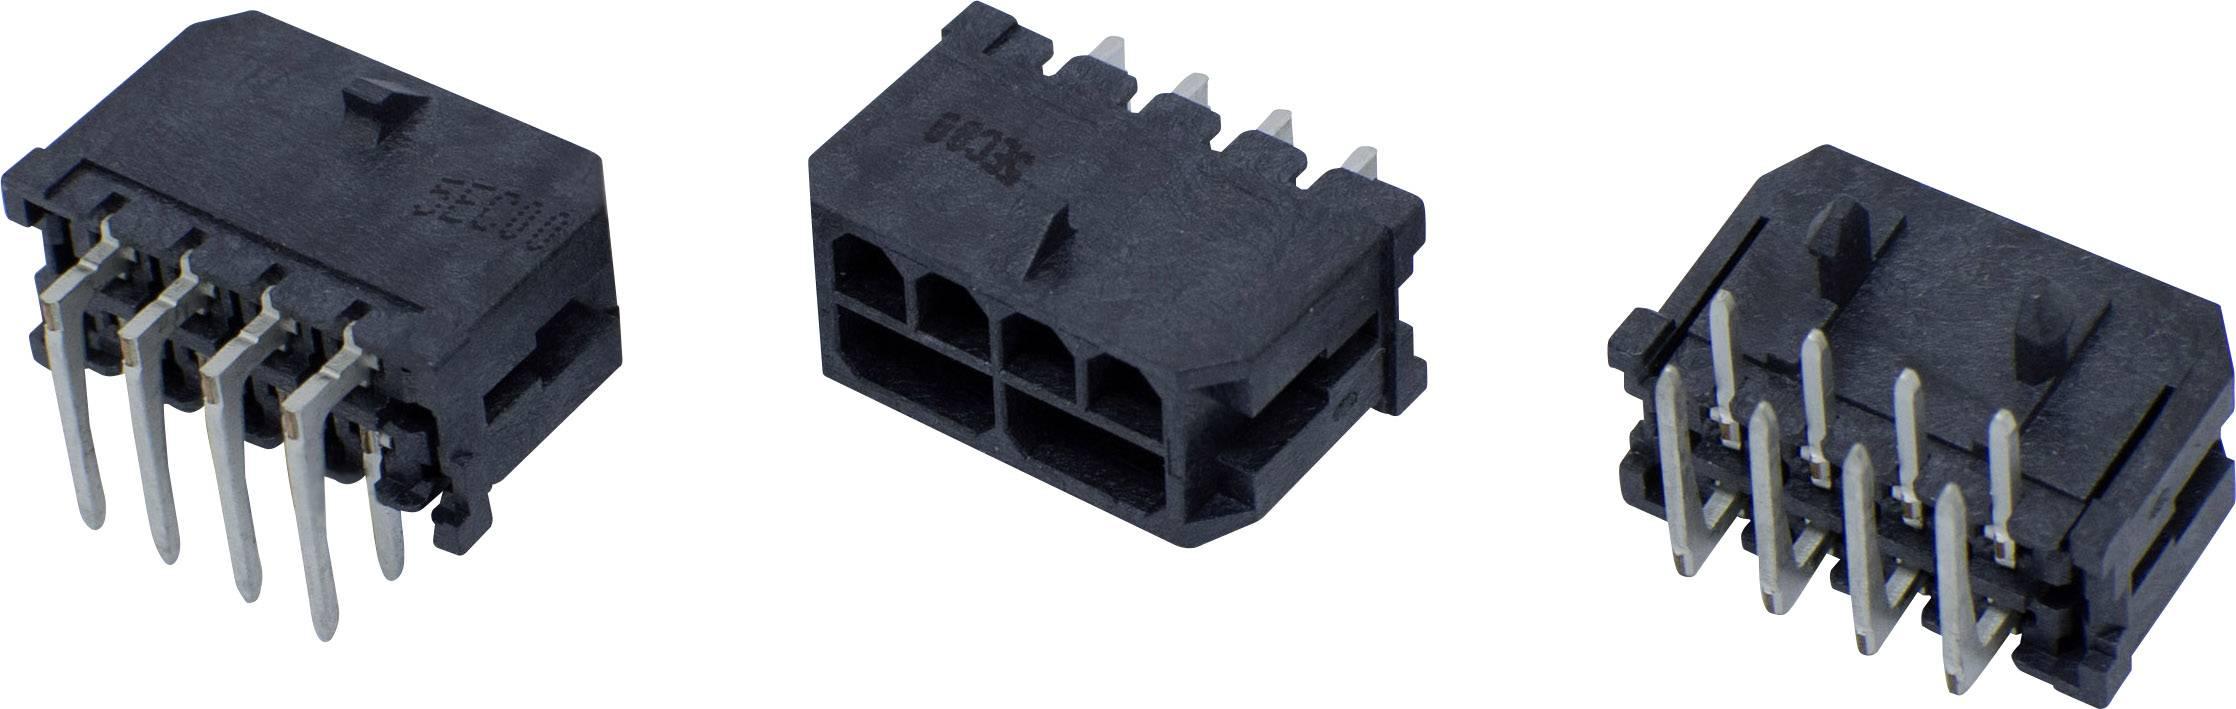 Pinová lišta (standardní) BellWether 70095-0808, pólů 8, rozteč 3 mm, 1 ks